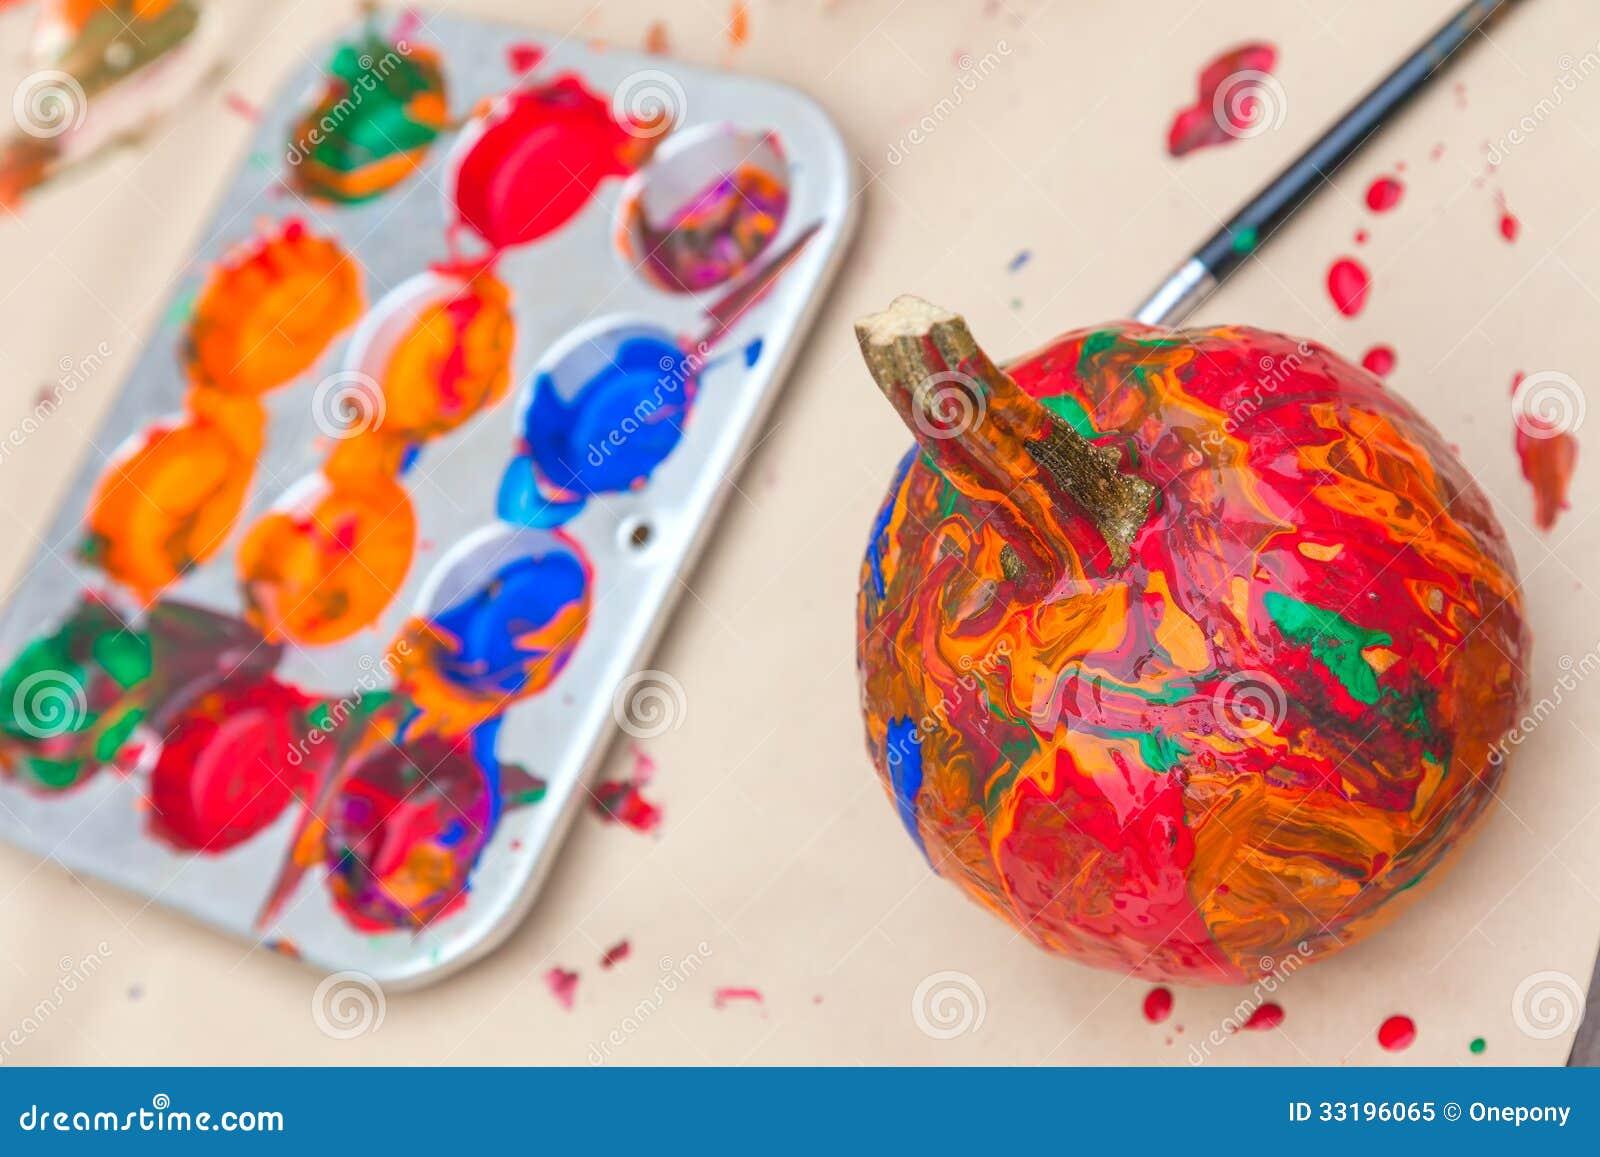 Calabazas pintadas foto de archivo libre de regal as - Calabazas pintadas para halloween ...